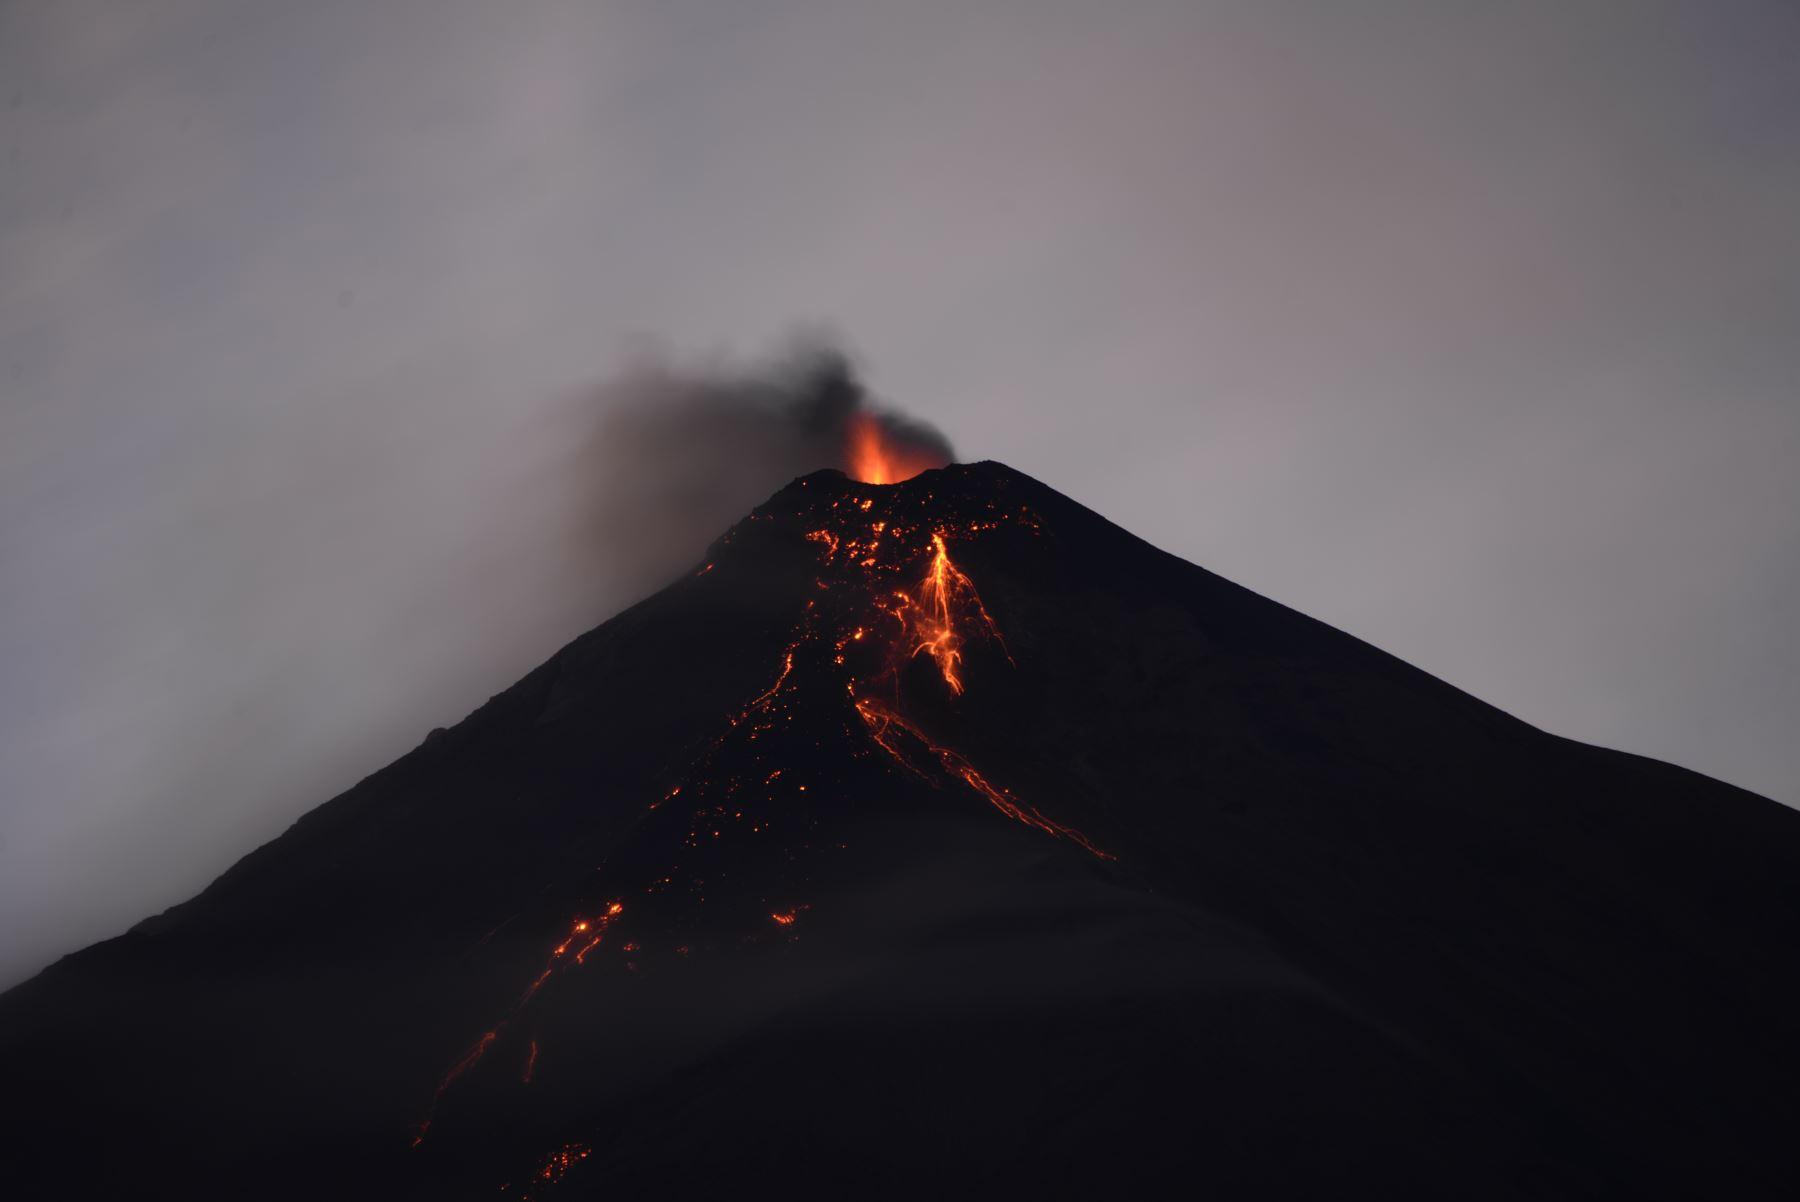 Una historia de rescate canino tras la erupción volcánica en Guatemala